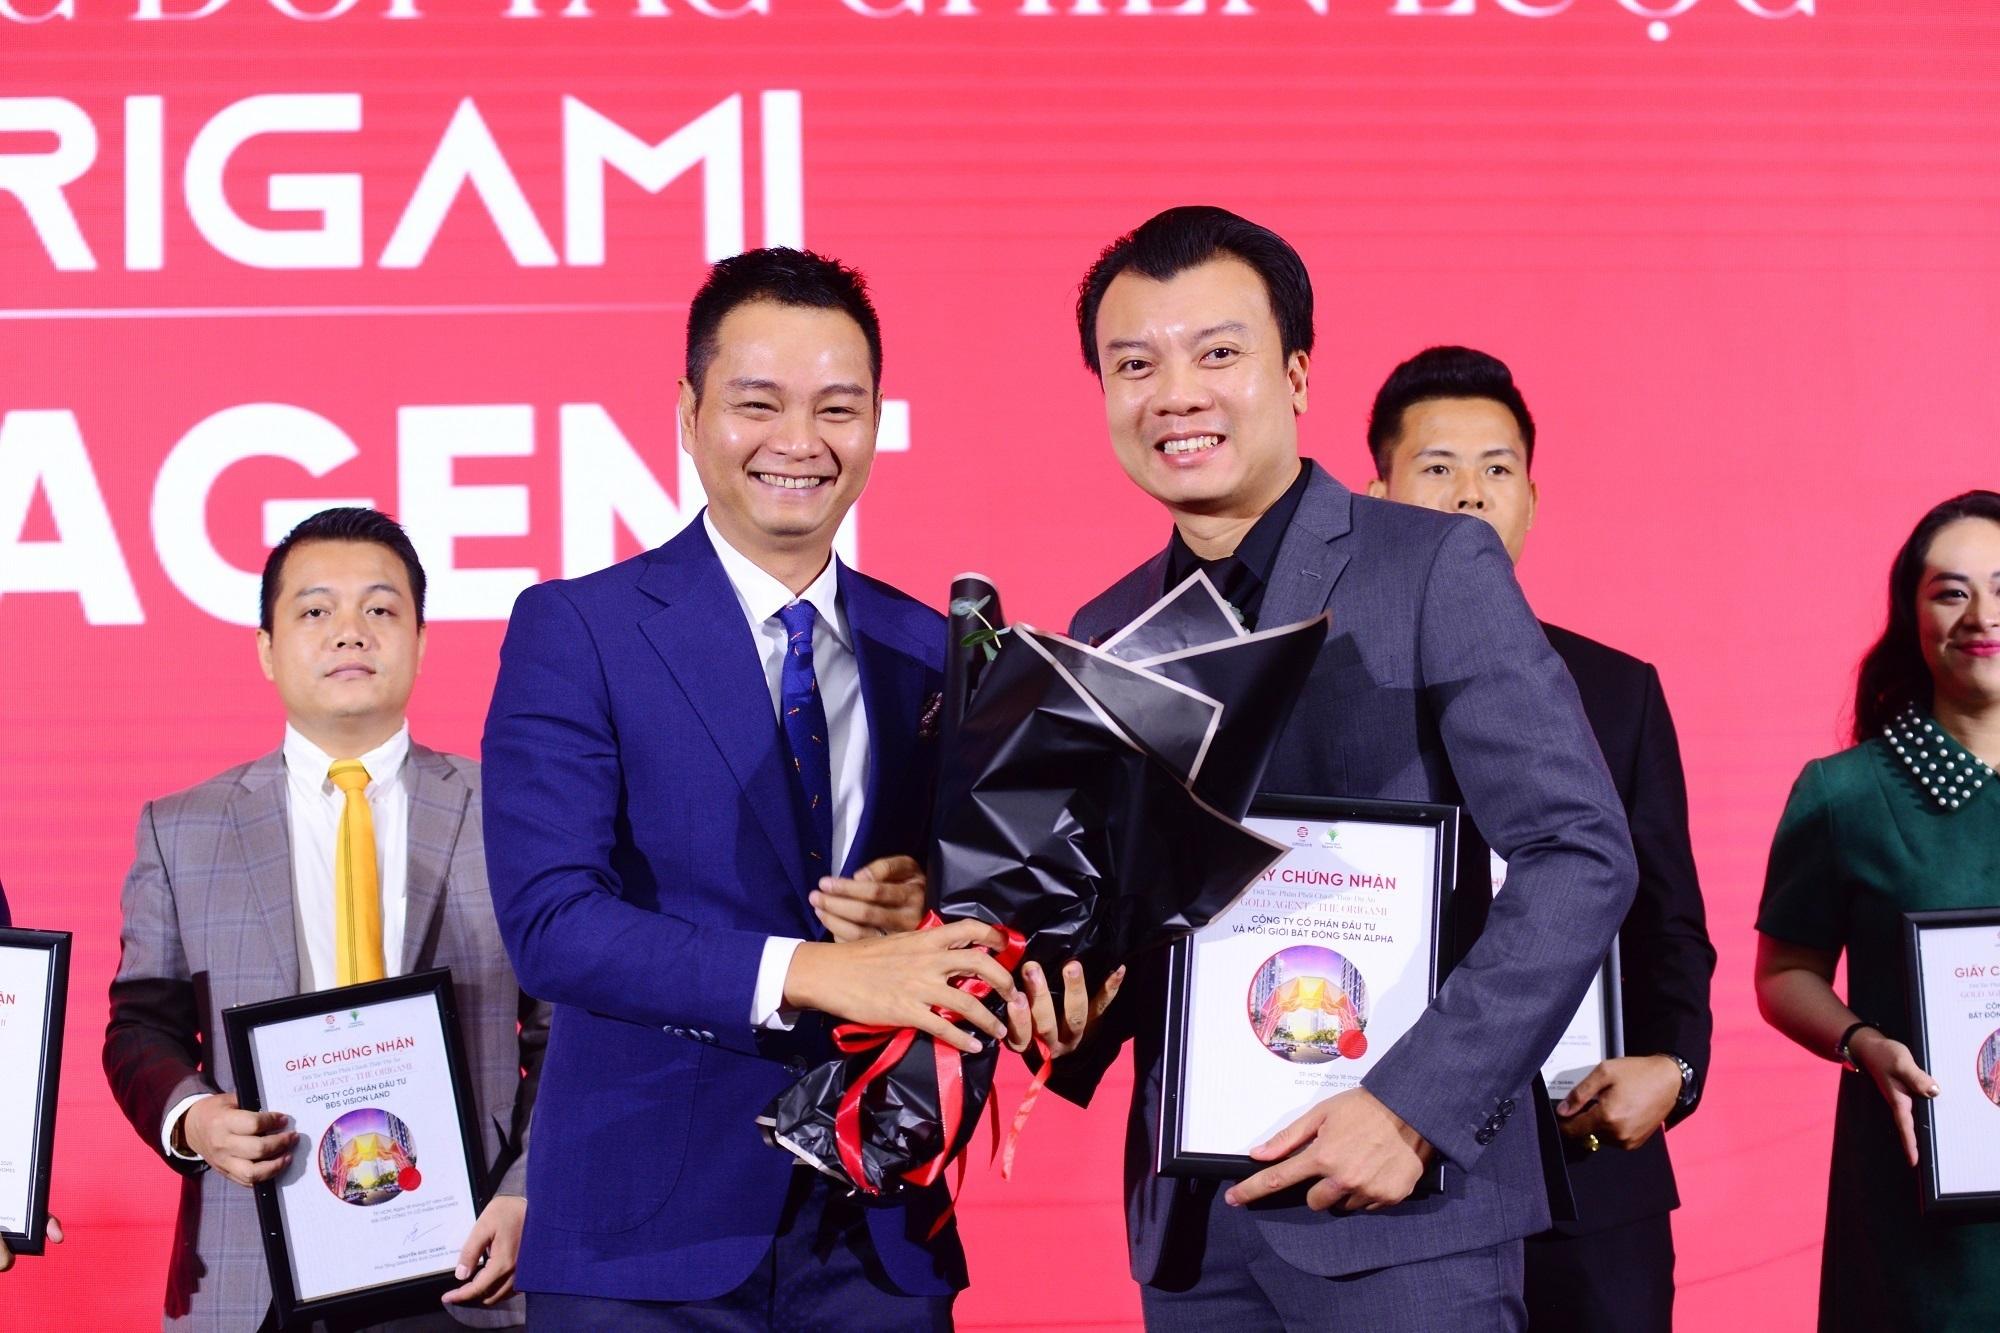 Ông Hoàng Liên Sơn (phải), Tổng giám đốc Công ty Cổ phần Đầu tư và Môi giới bất động sản Alpha